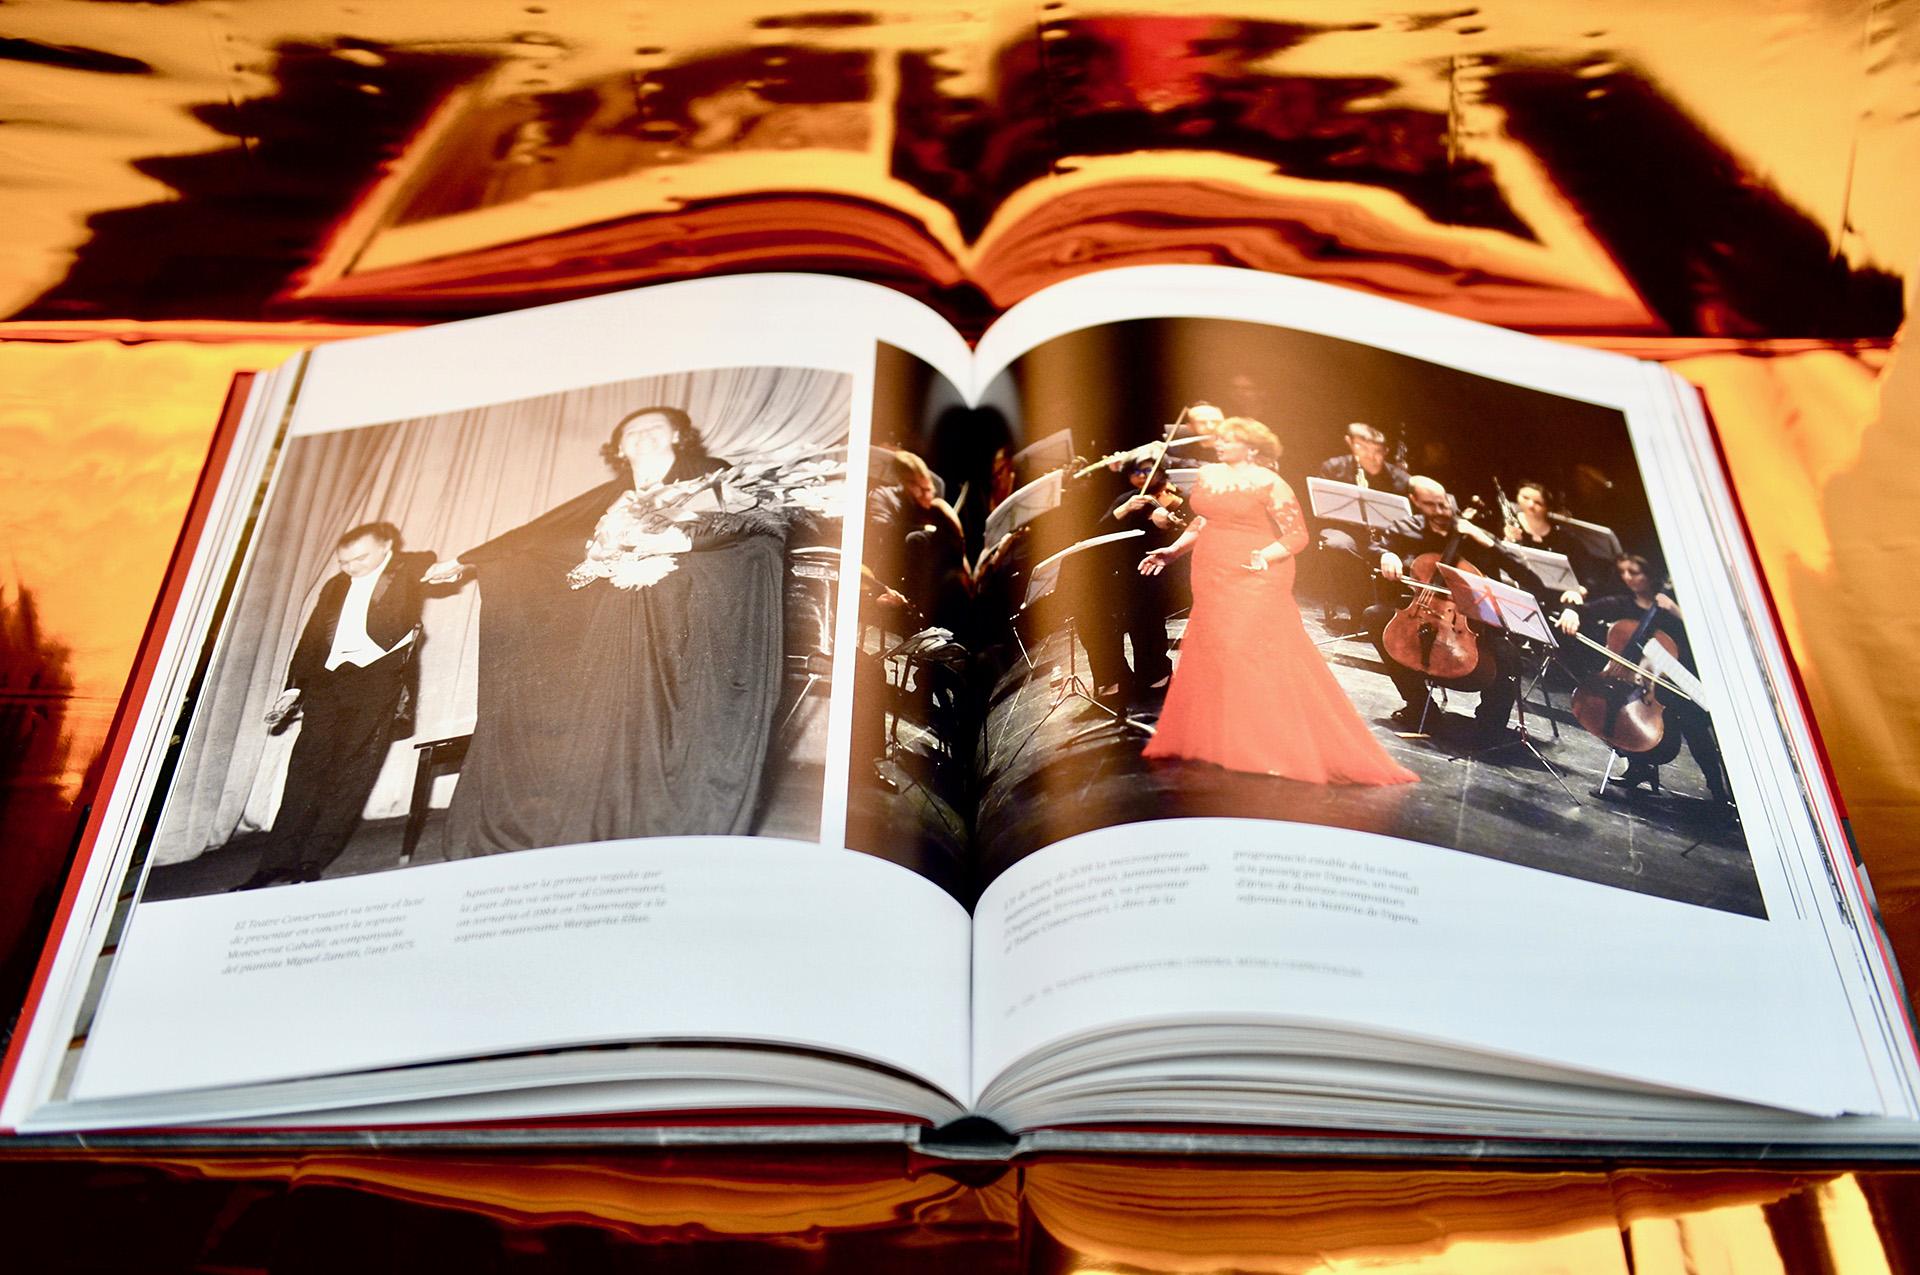 Doble página de espectáculos del interior libro